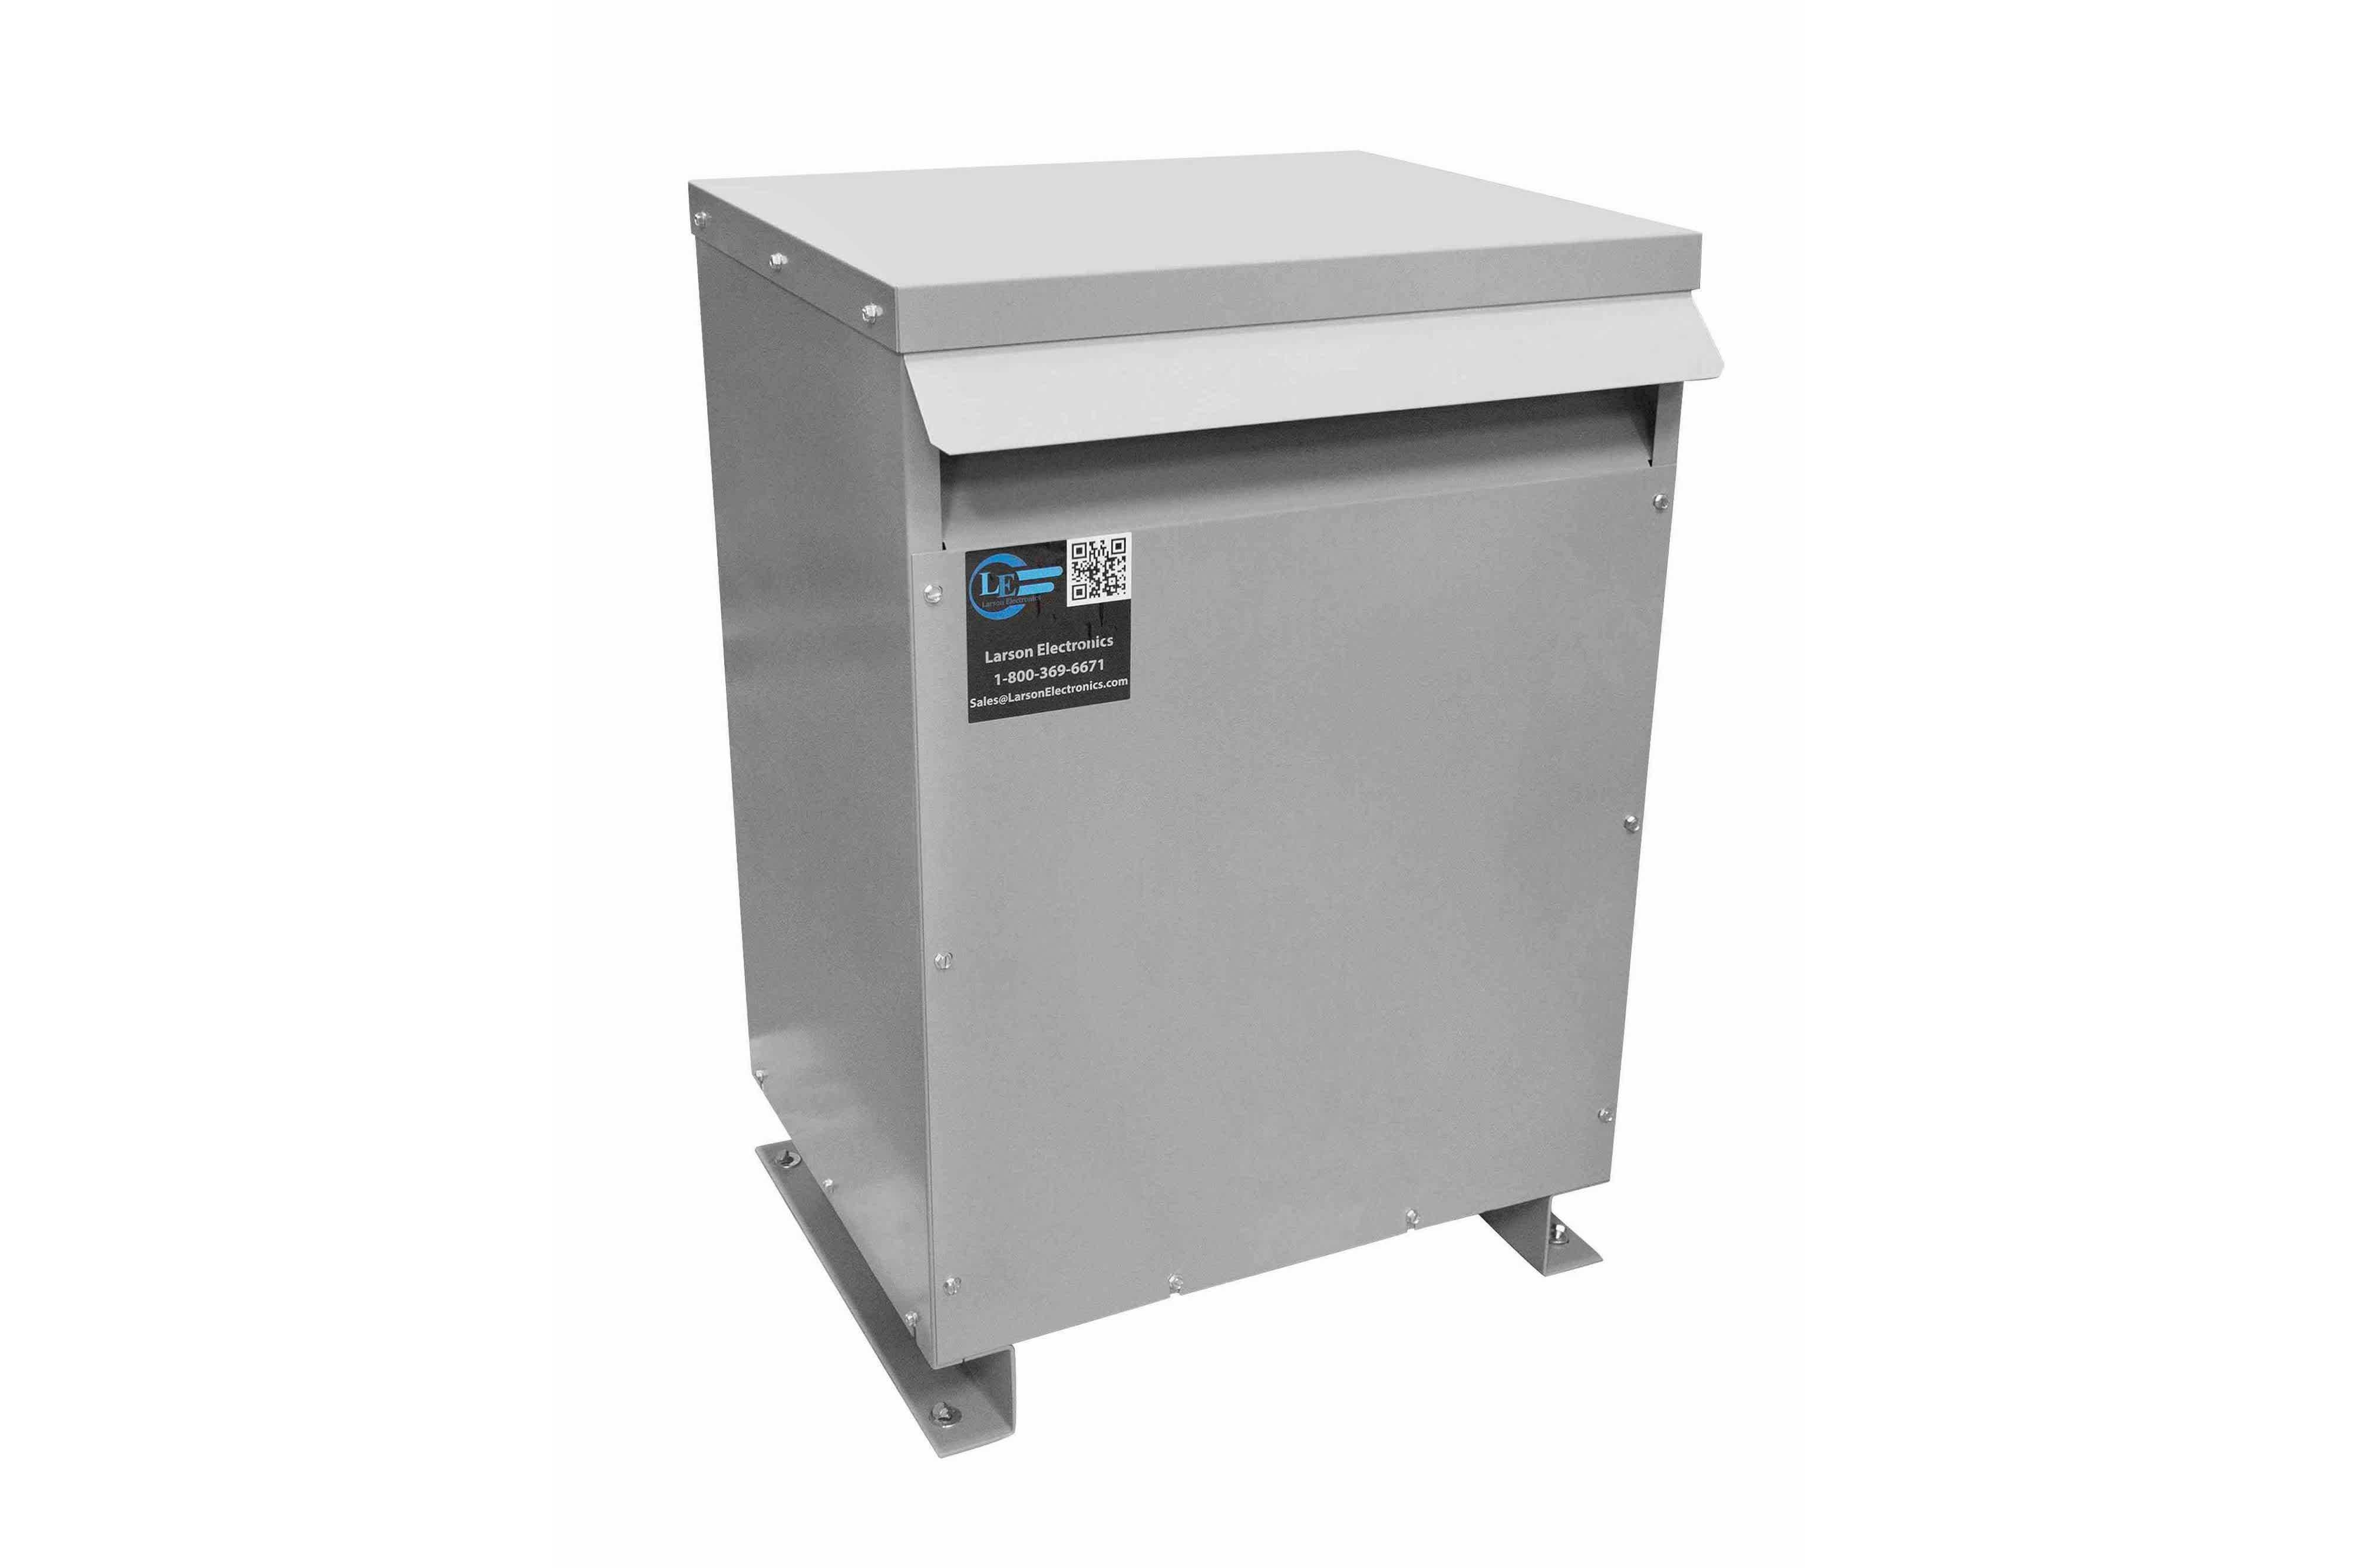 70 kVA 3PH Isolation Transformer, 208V Delta Primary, 415V Delta Secondary, N3R, Ventilated, 60 Hz